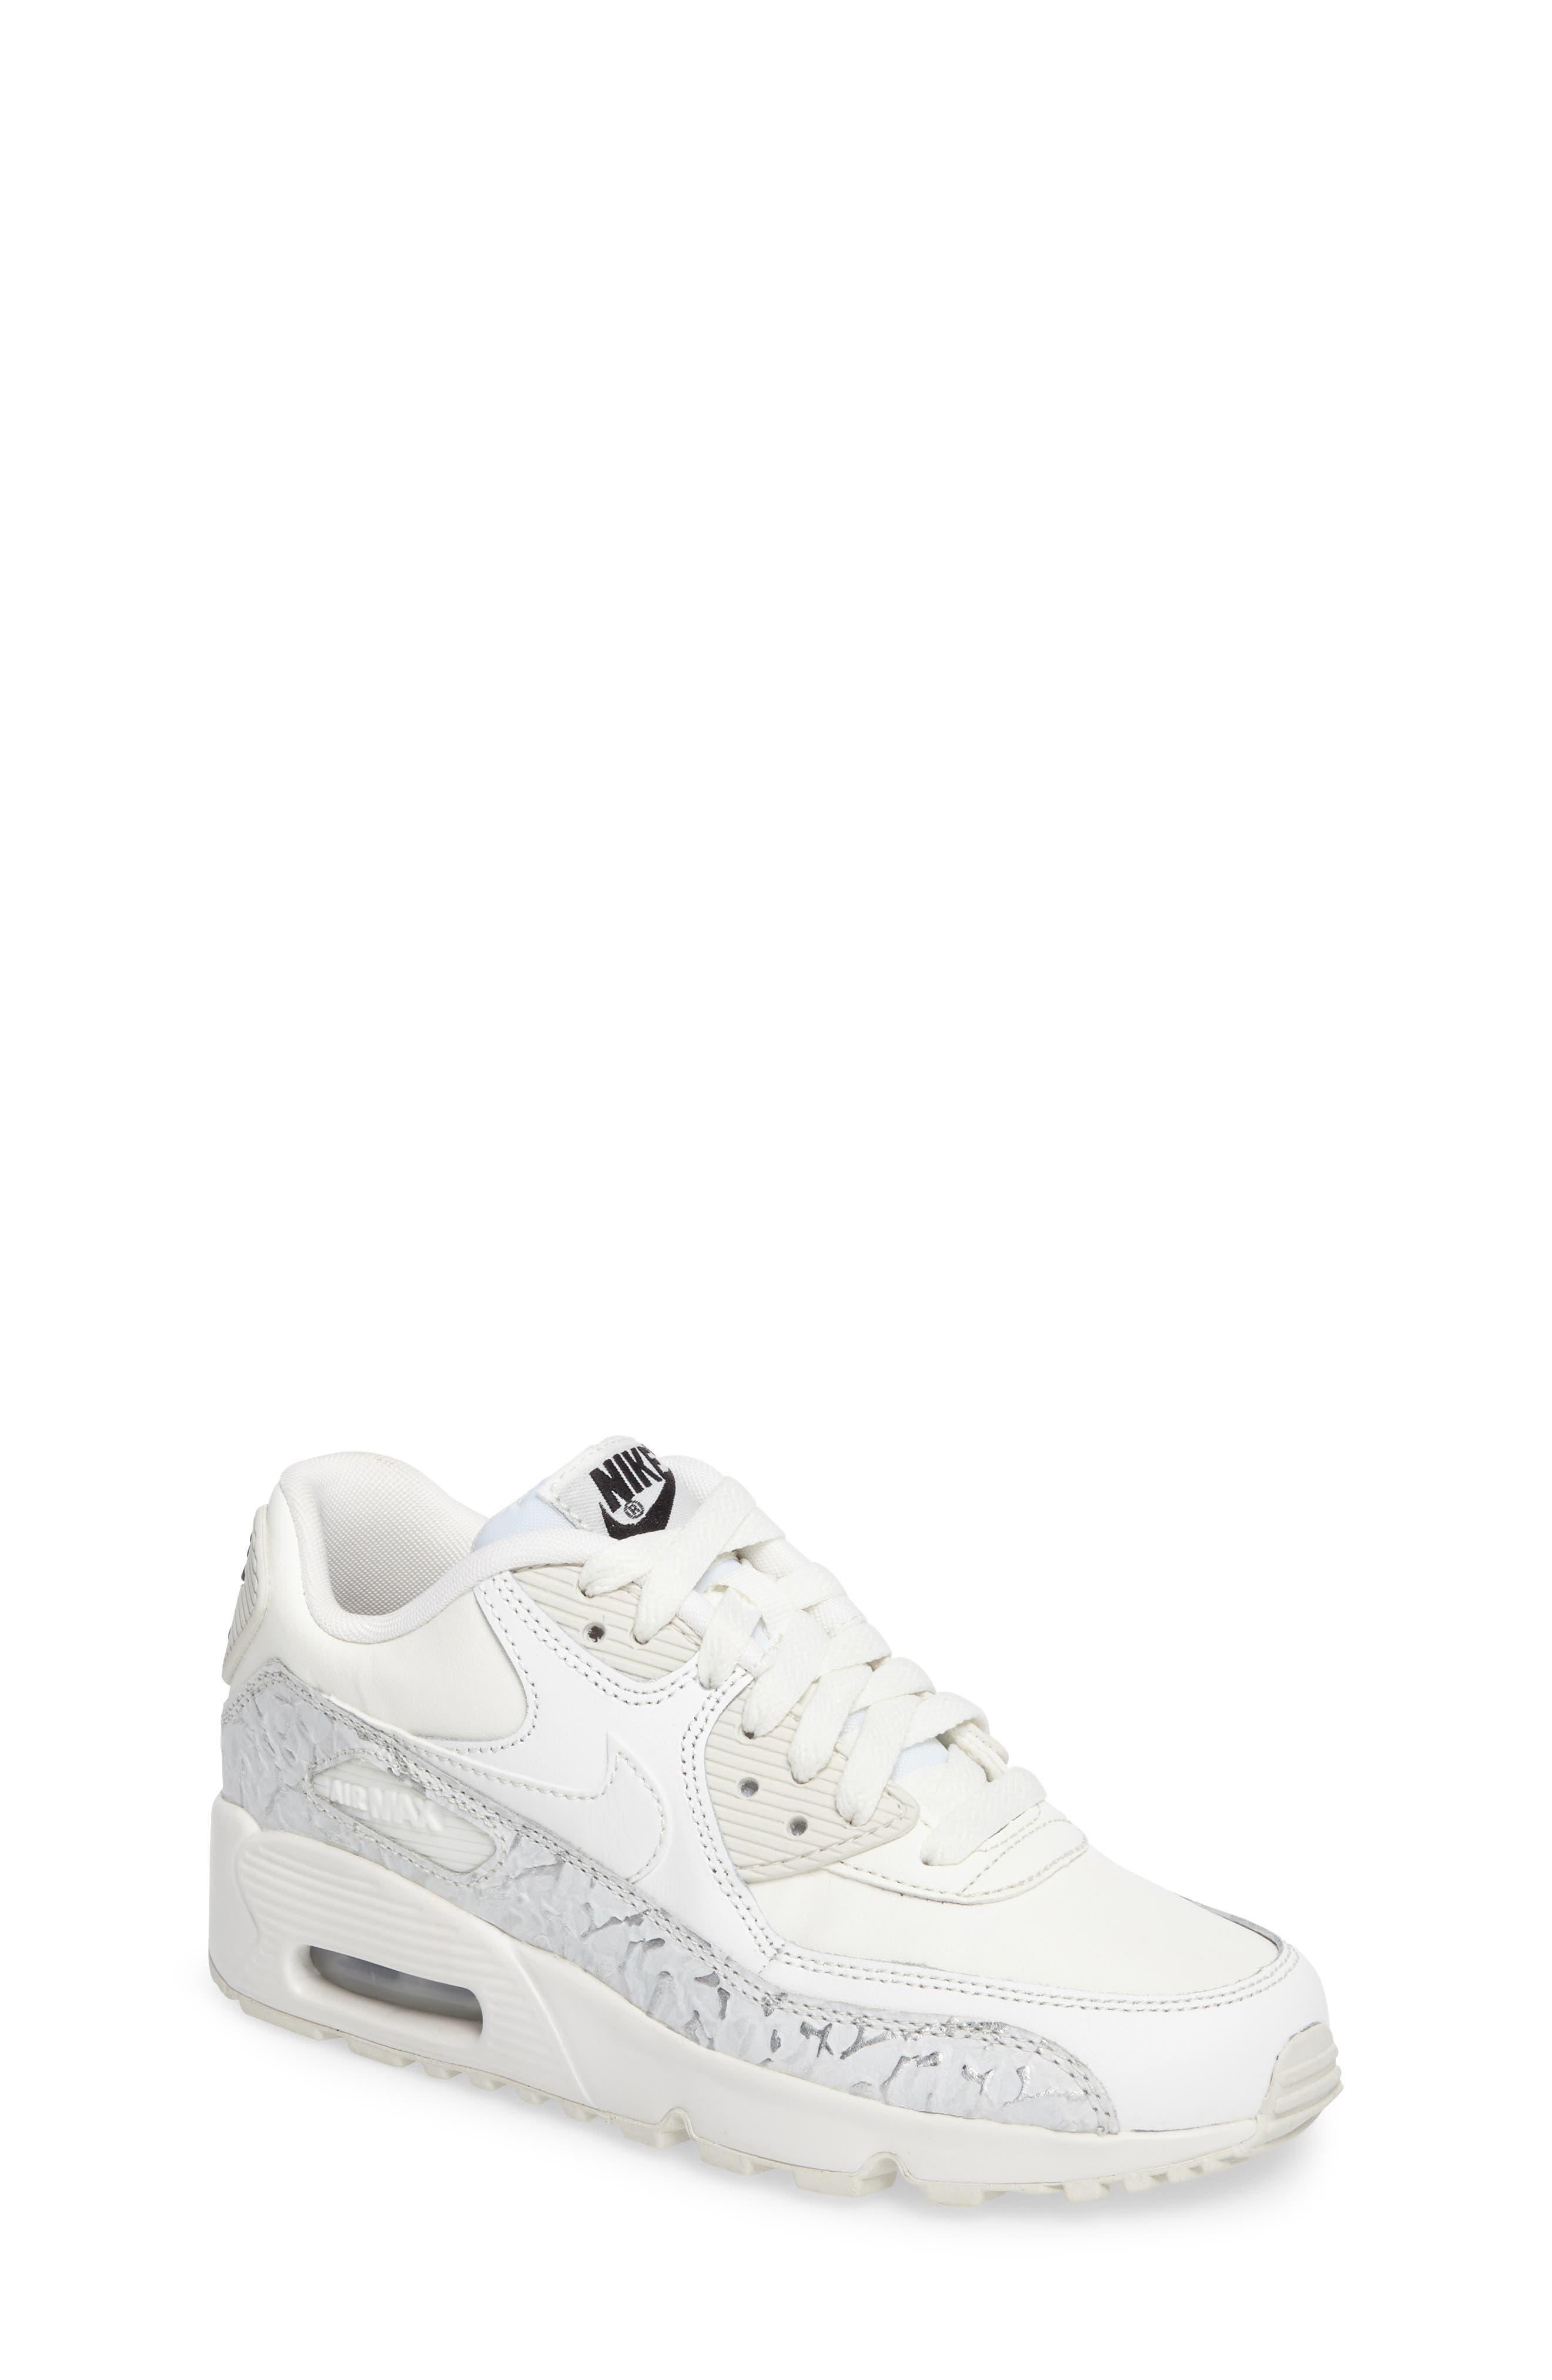 Main Image - Nike Air Max 90 Leather Sneaker (Big Kid)